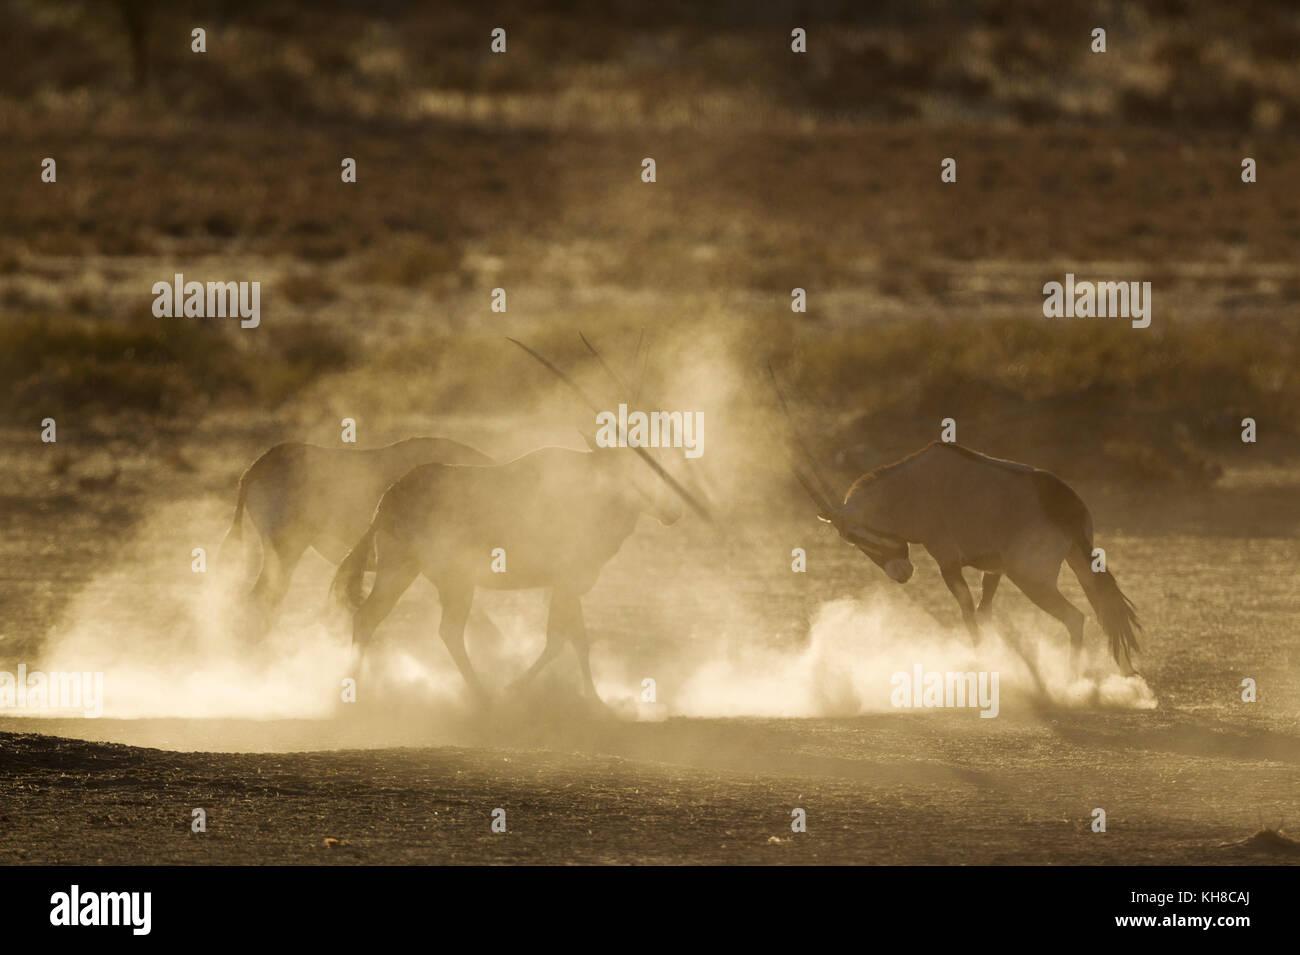 Gemsboks (Oryx gazella), nervioso y levantando un montón de polvo en las primeras horas de la mañana, Imagen De Stock